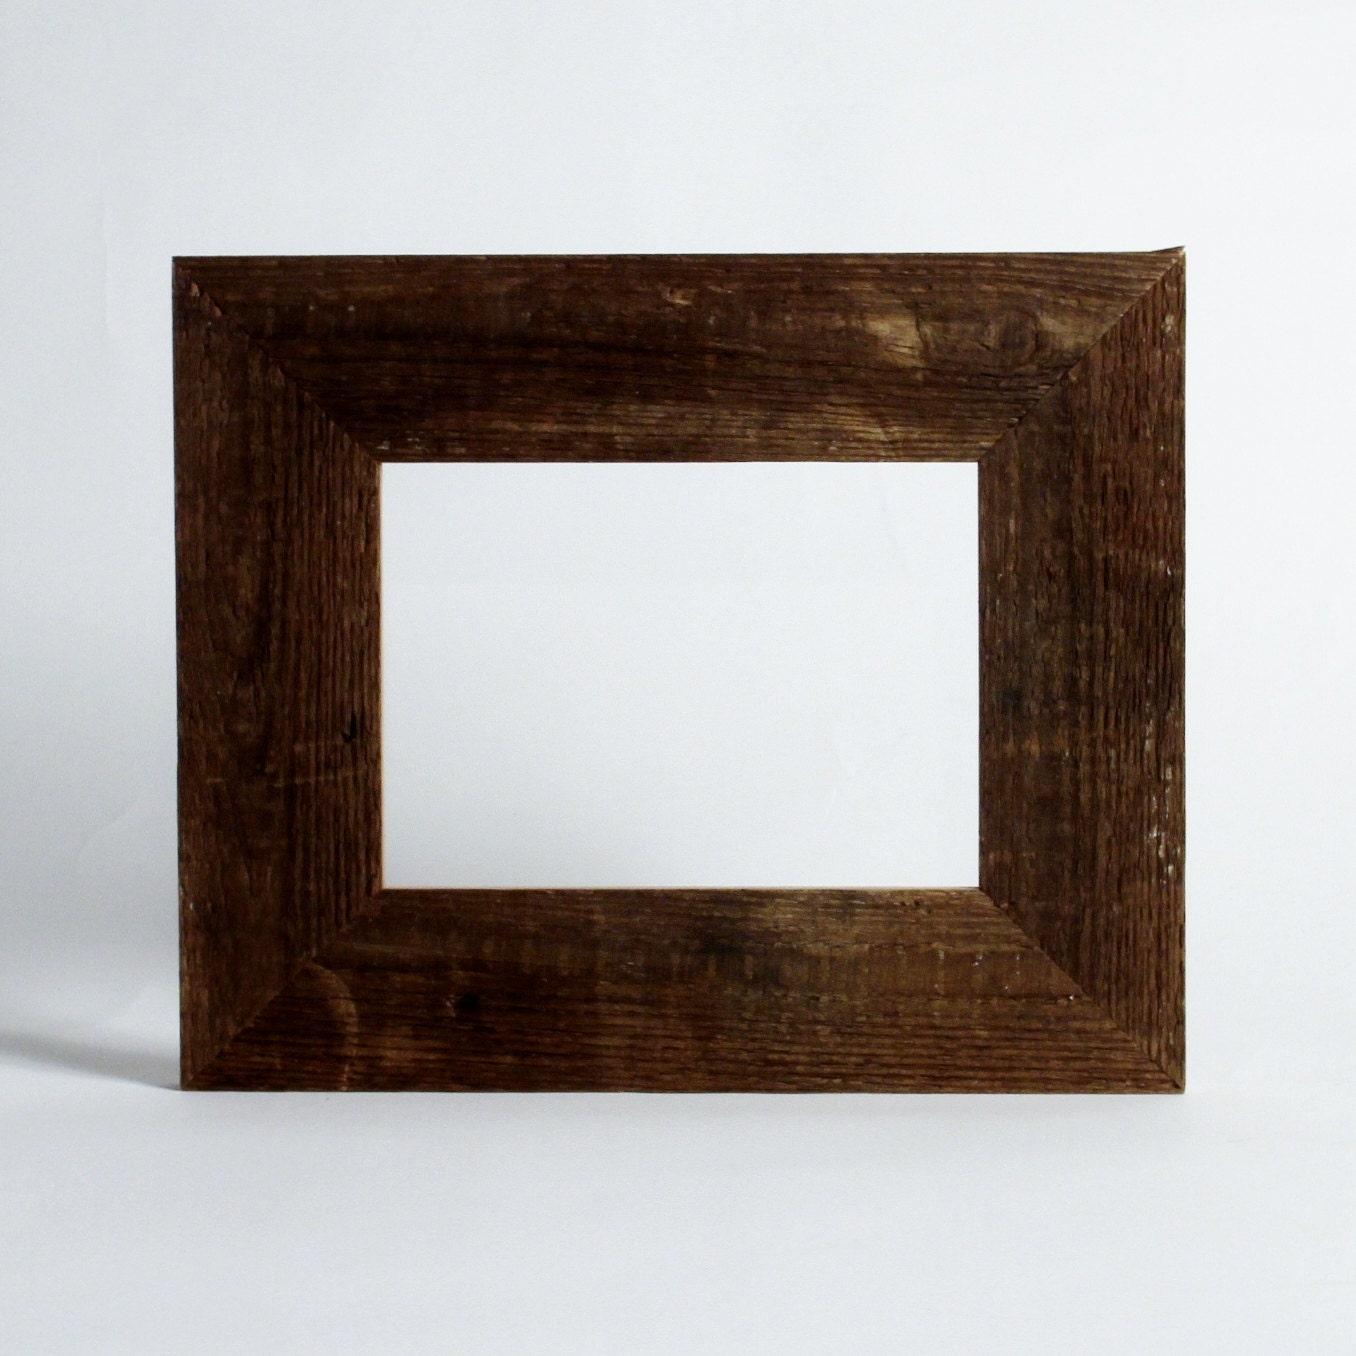 Barnwood frame reclaimed wood rustic decor christmas gift for Barnwood decor